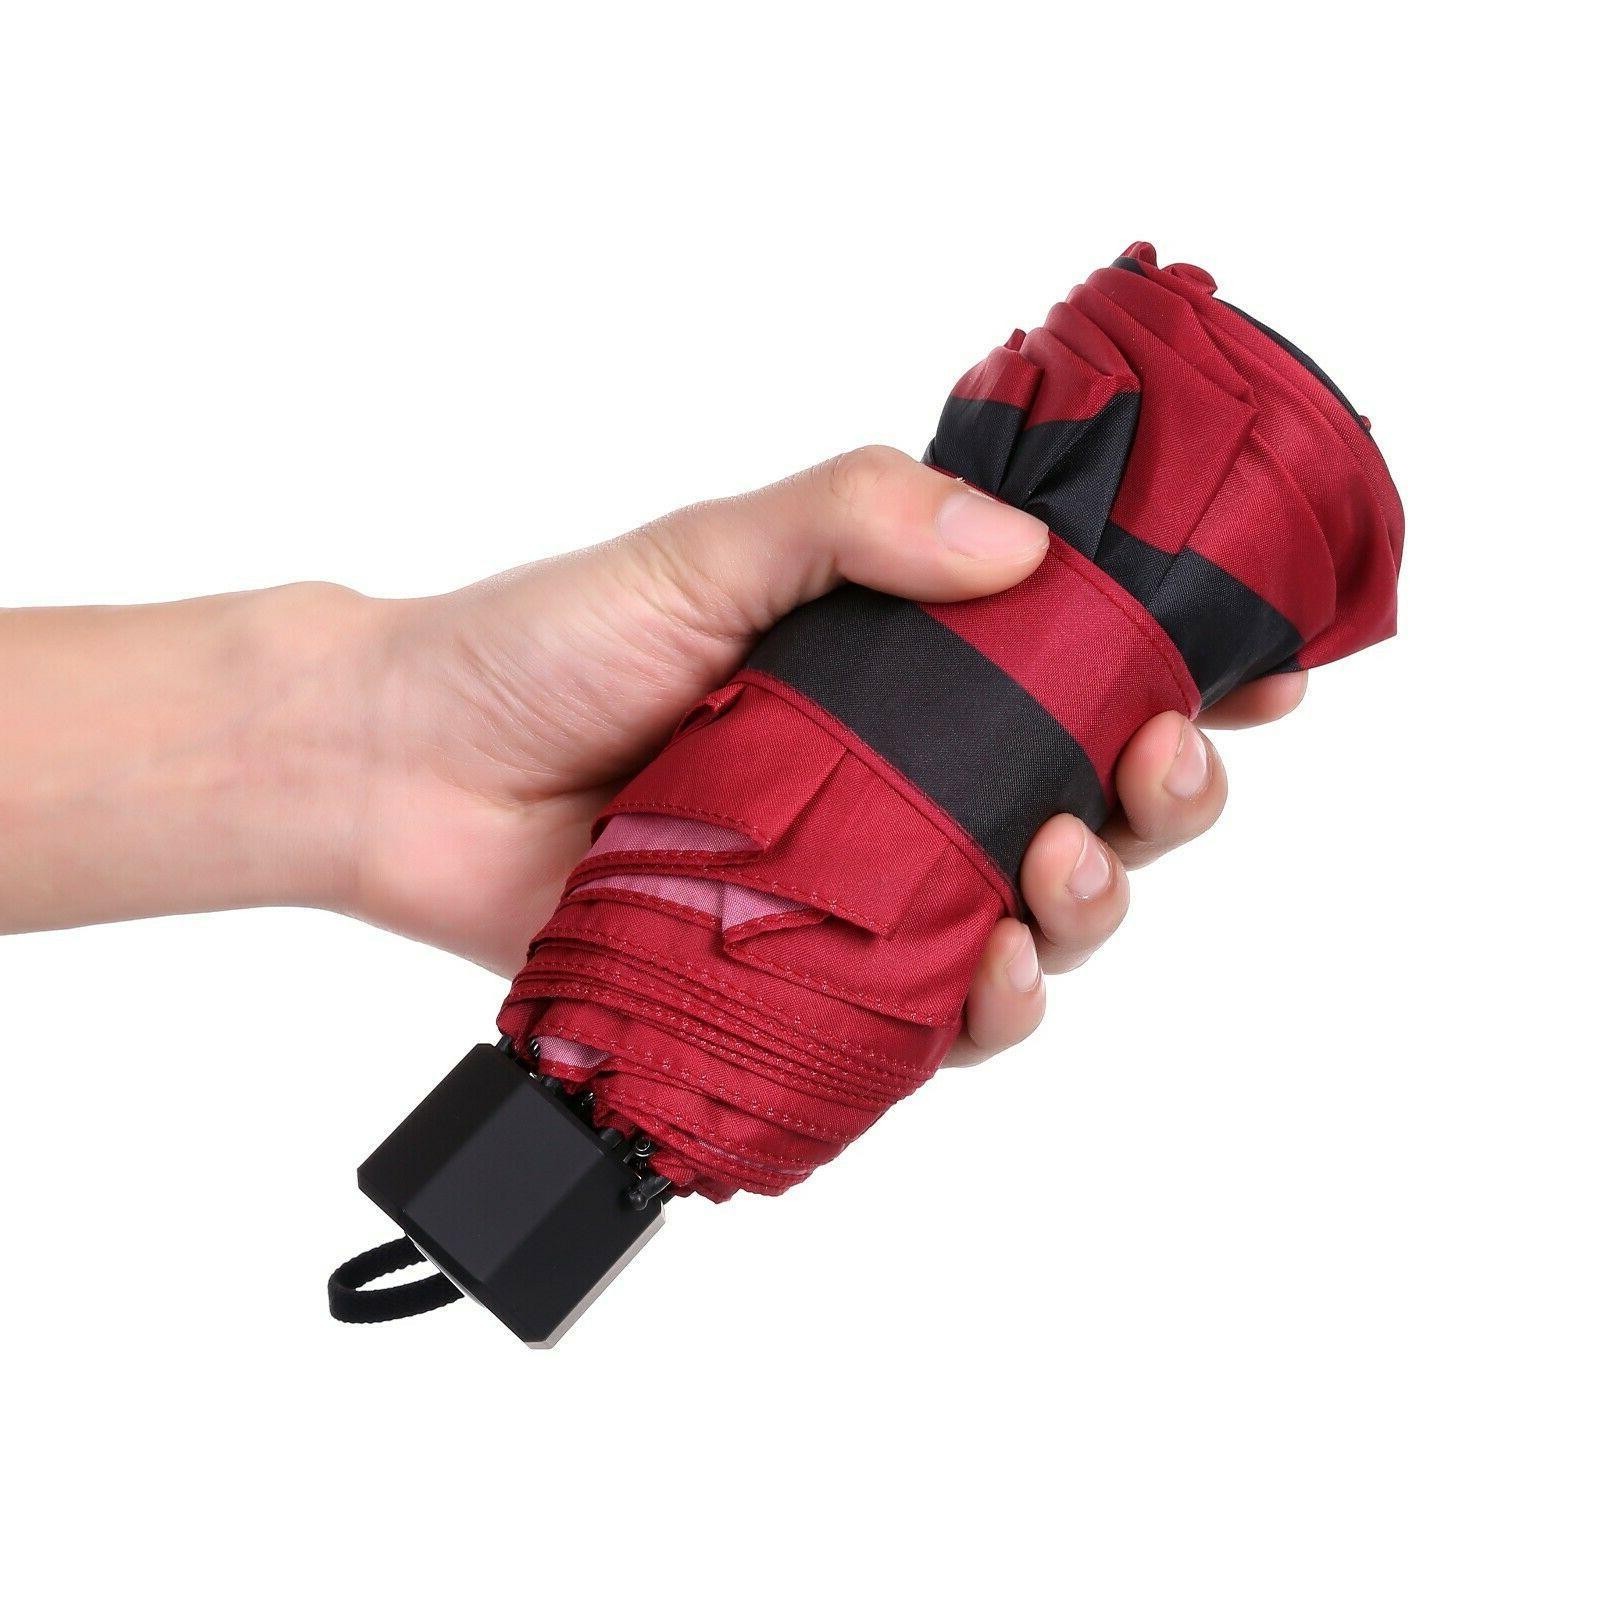 BAGAIL Compact Umbrella Windproof Travel Mini